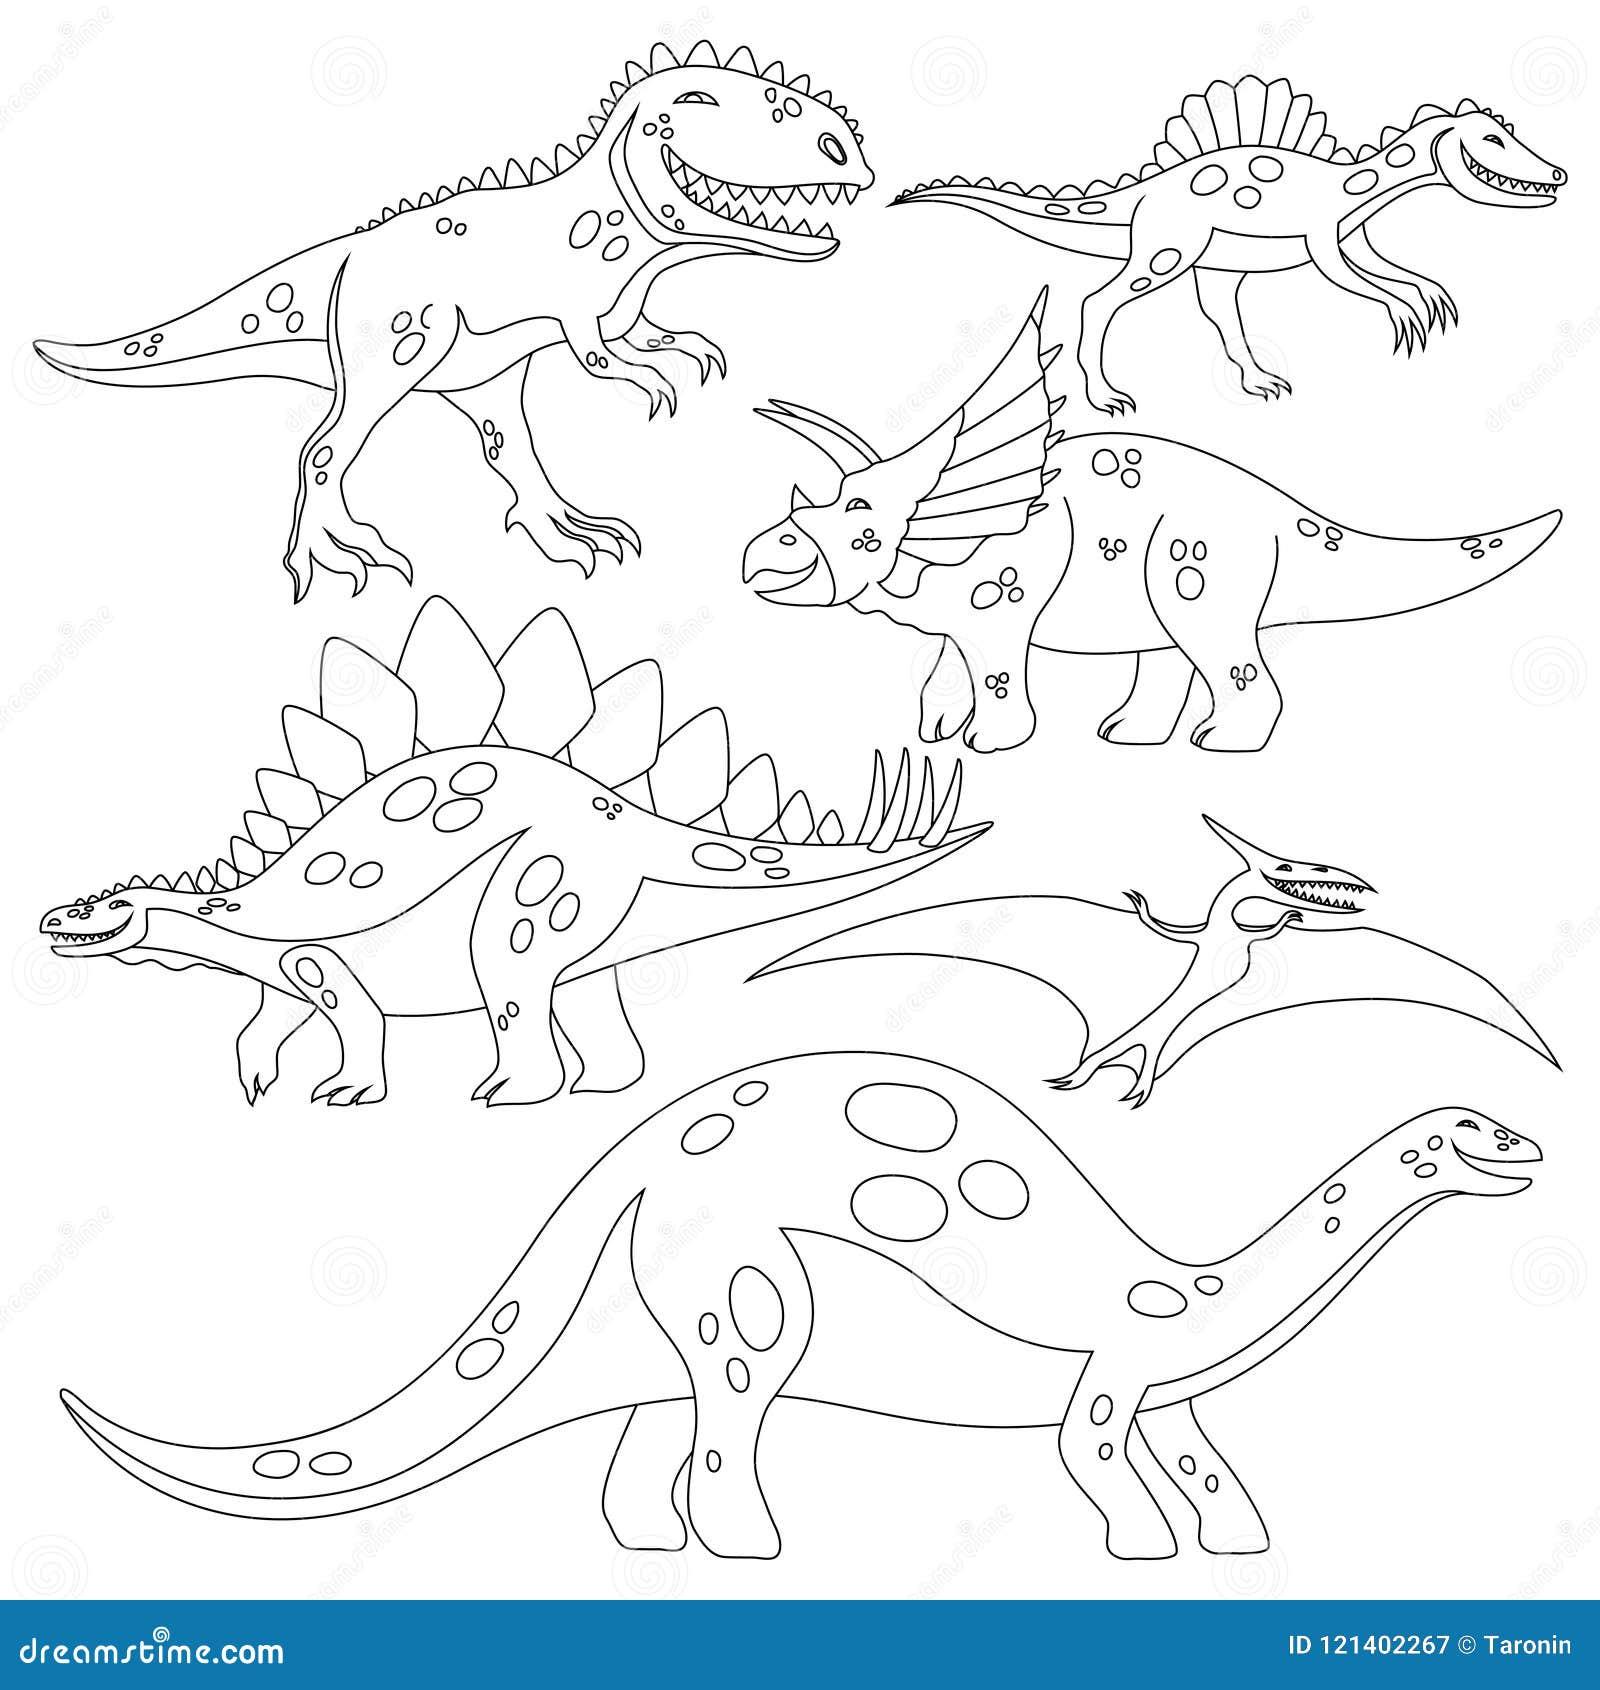 Dinosauro Da Colorare Per Bambini.Libro Da Colorare Per I Bambini Con Un Insieme Dei Dinosauri Illustrazione Vettoriale Illustrazione Di Nero Segno 121402267